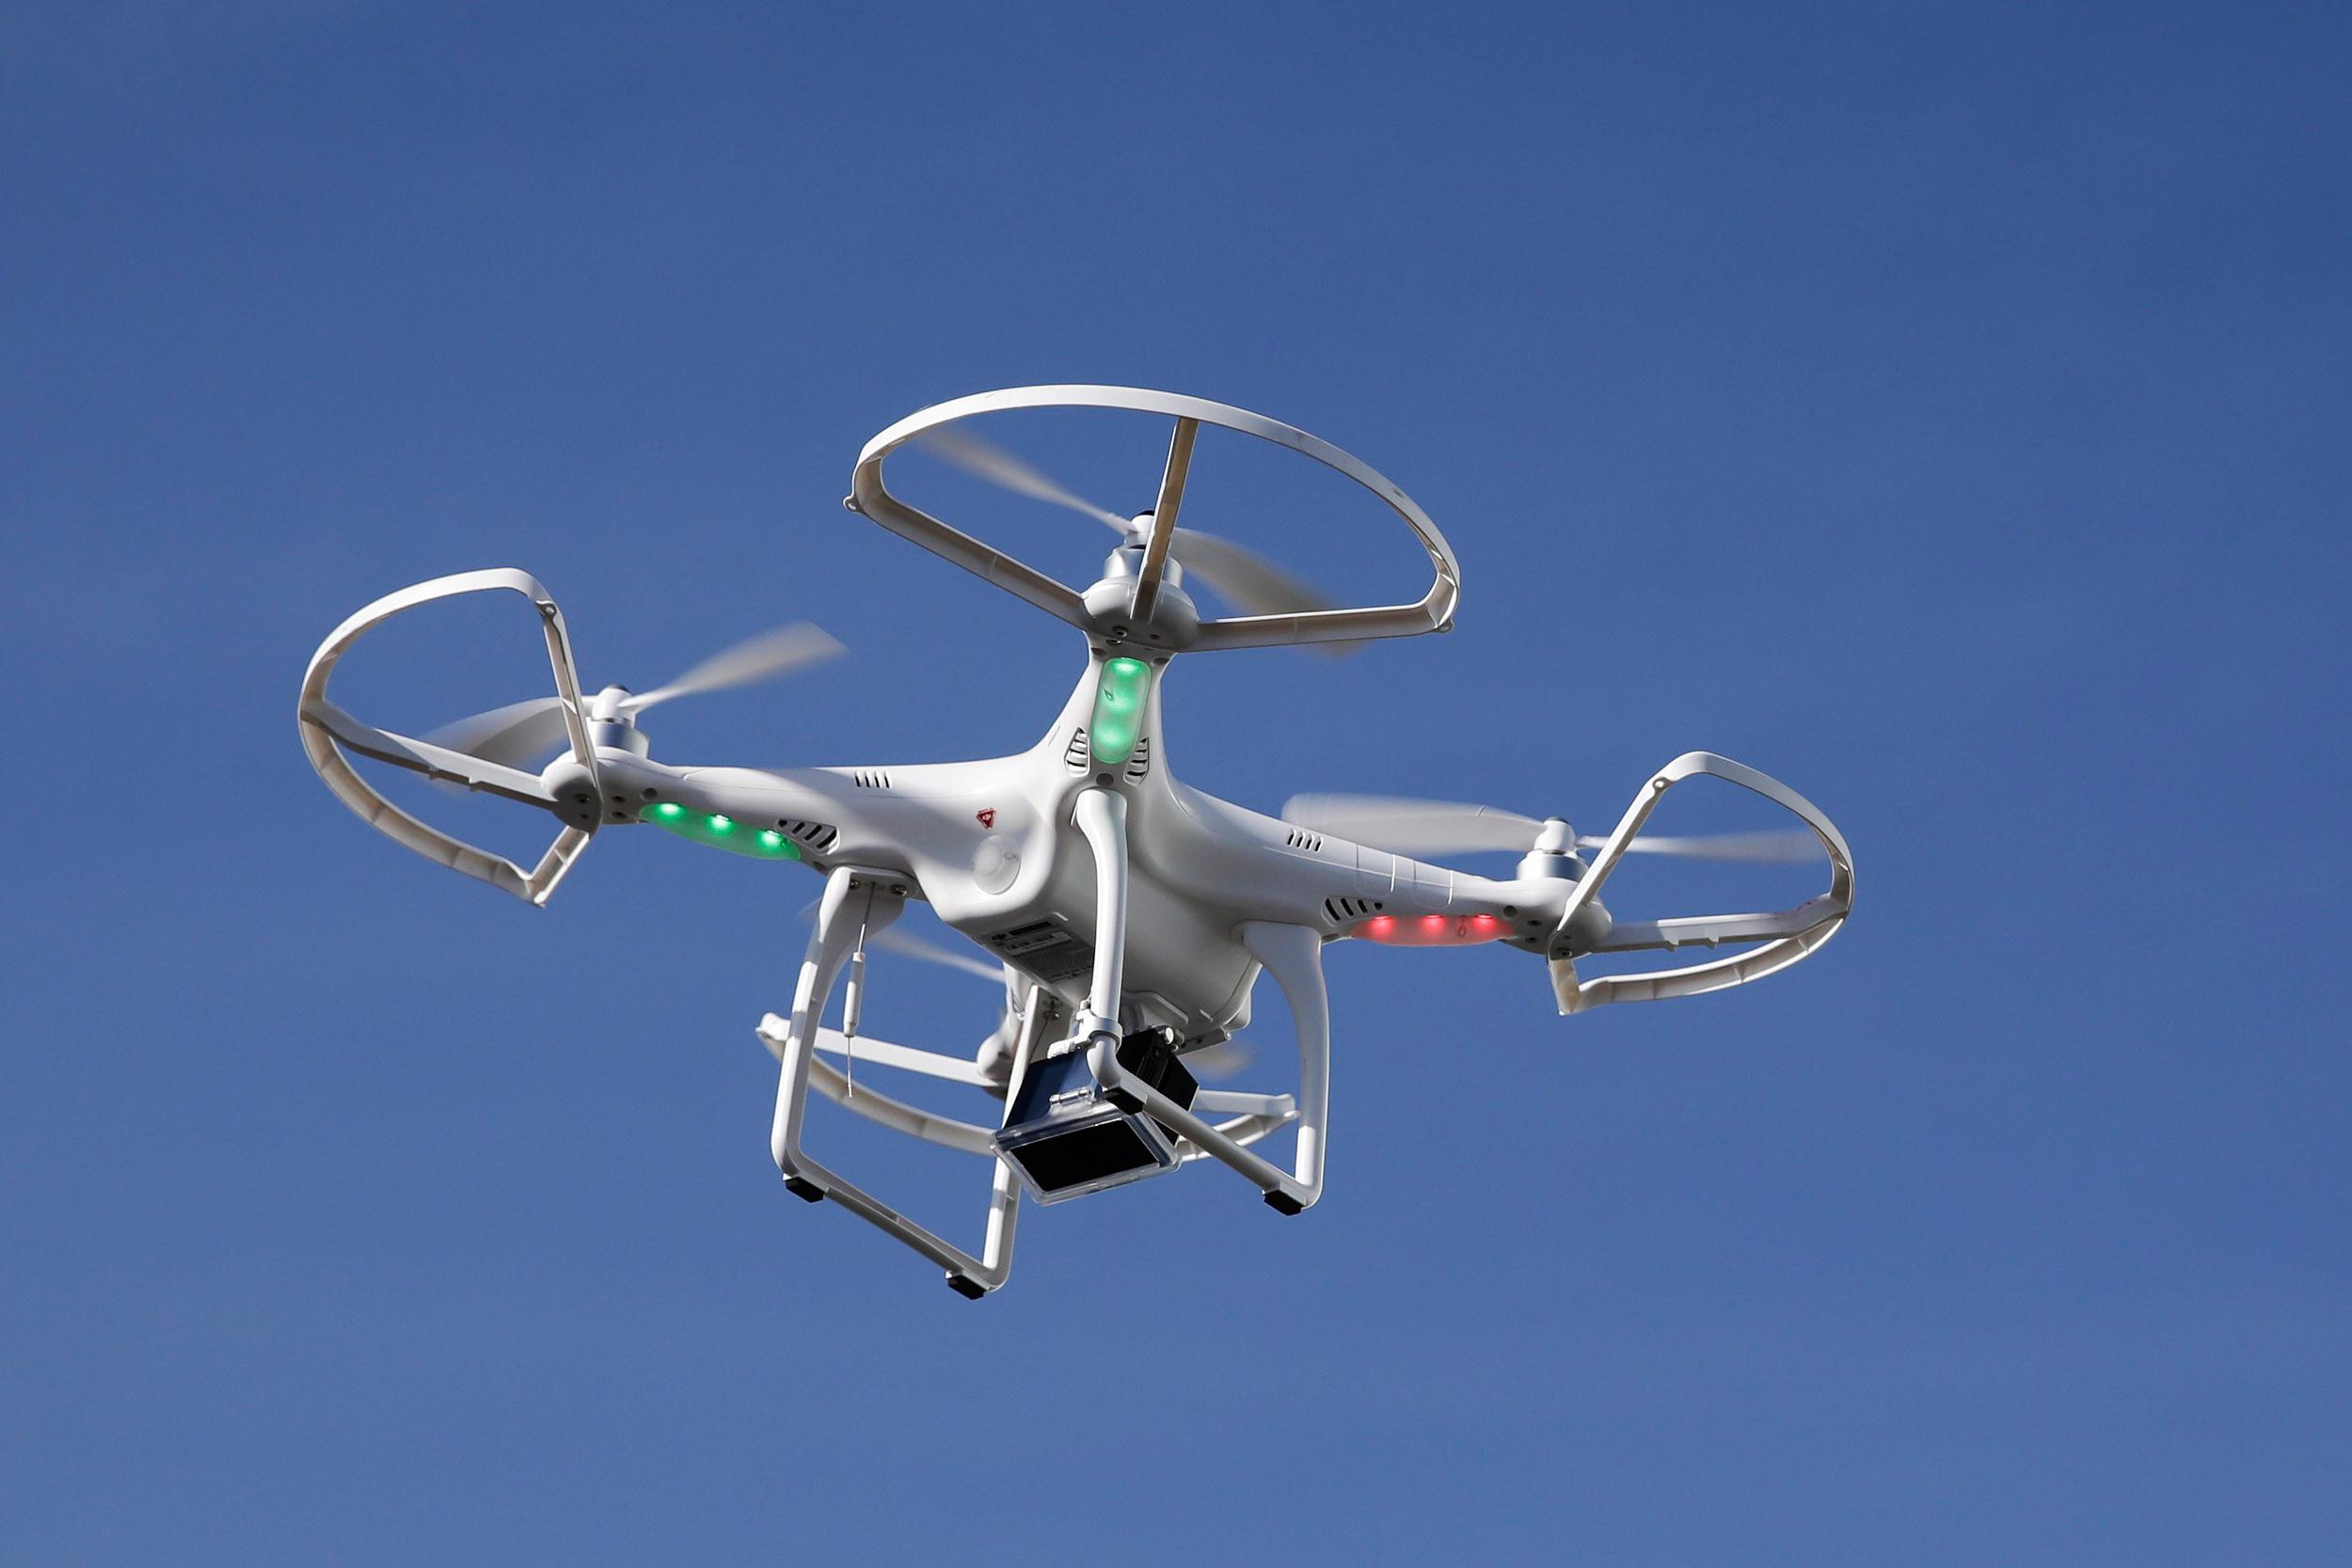 Drone / UAS Insurance